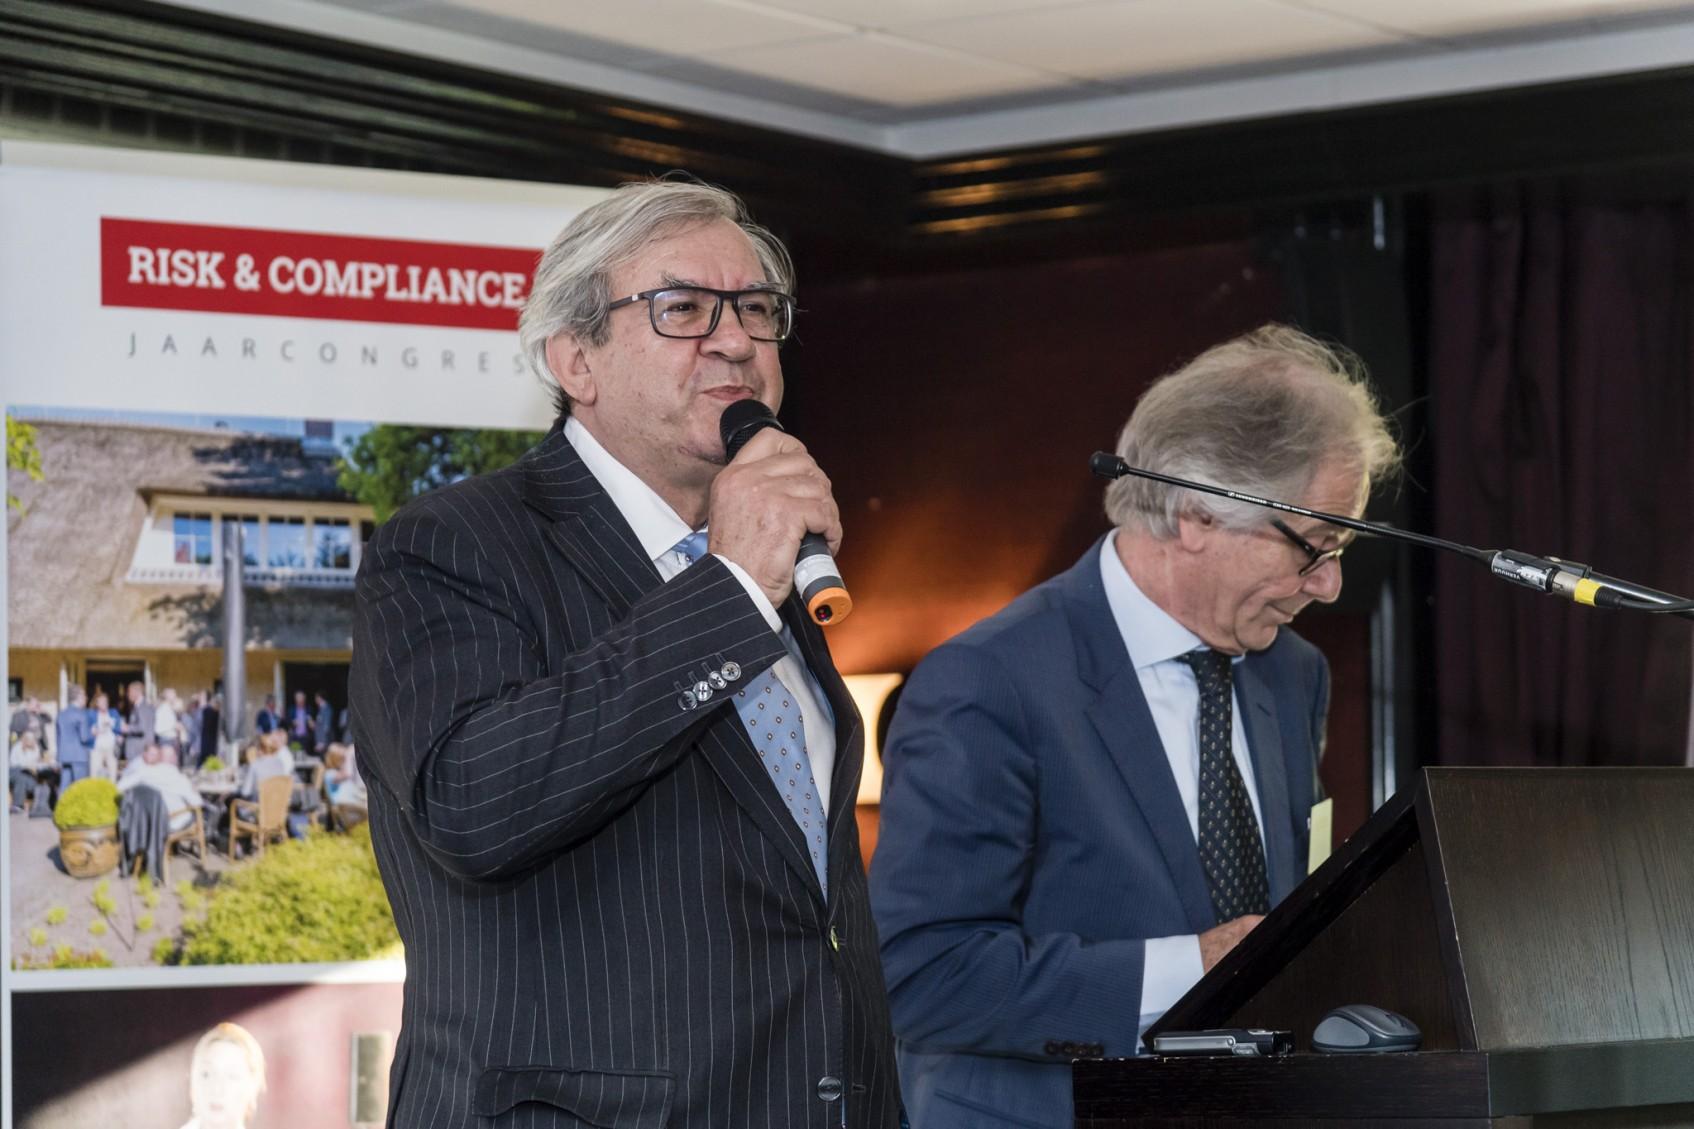 risk and compliance jaar congres 2017 Par-pa fotografie 6822-1k